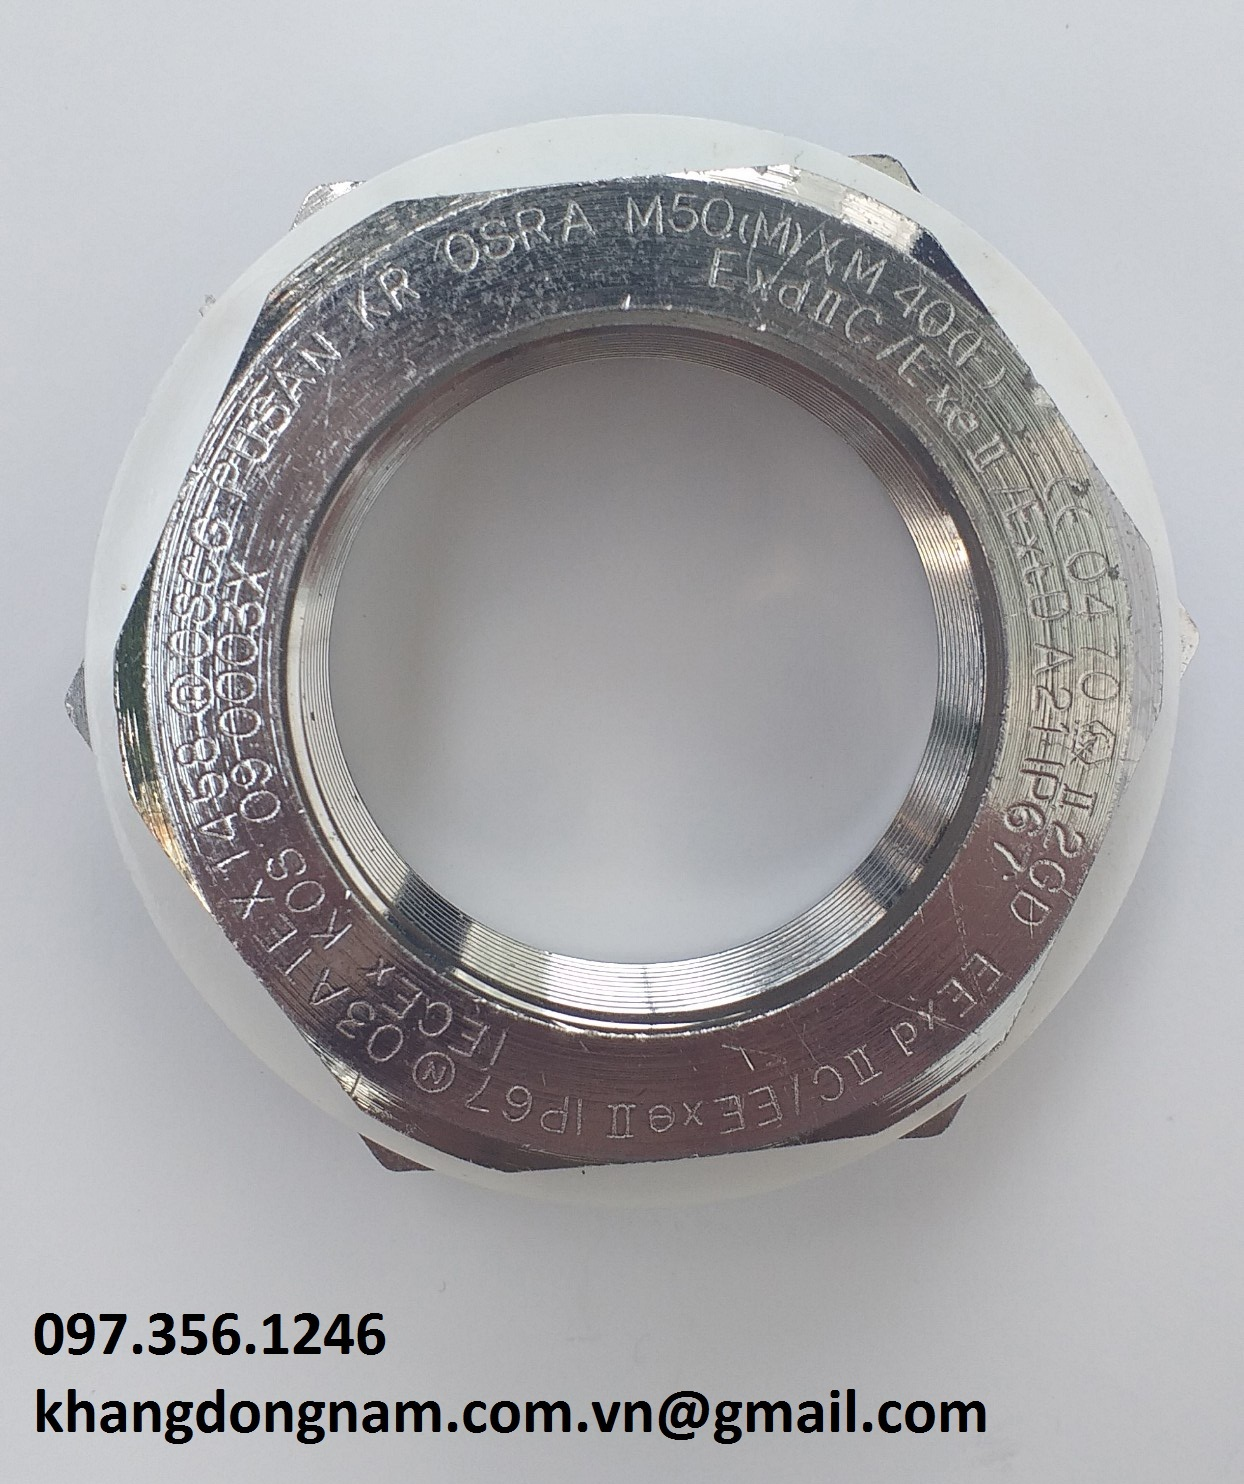 Đầu Giảm Chống Cháy Nổ Reducer OSCG OSRA M50(M)xM40(F) (7)